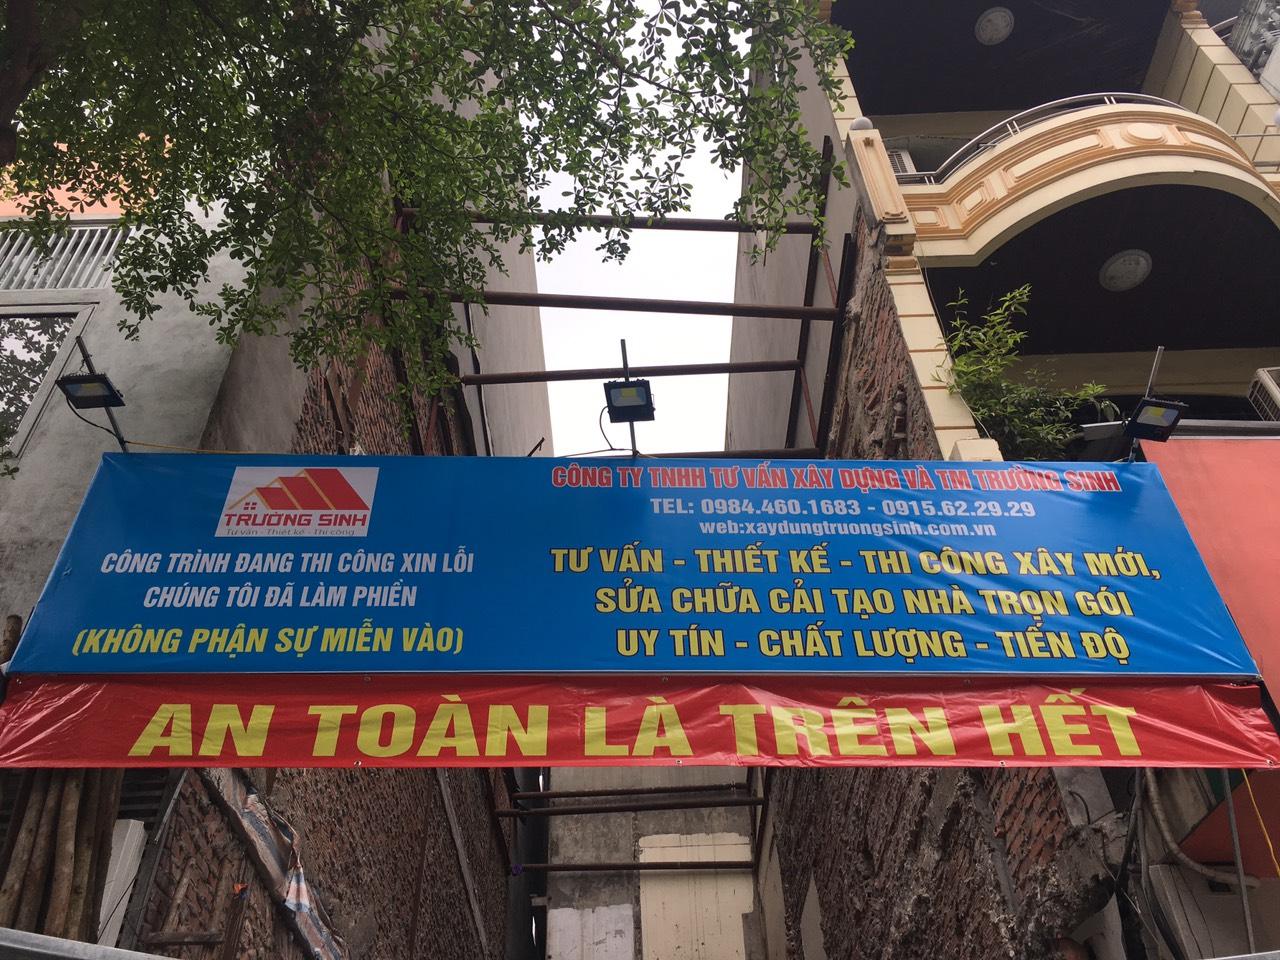 Thiết kế và thi công xây nhà trọn gói mặt phố Đống Đa Hà Nội